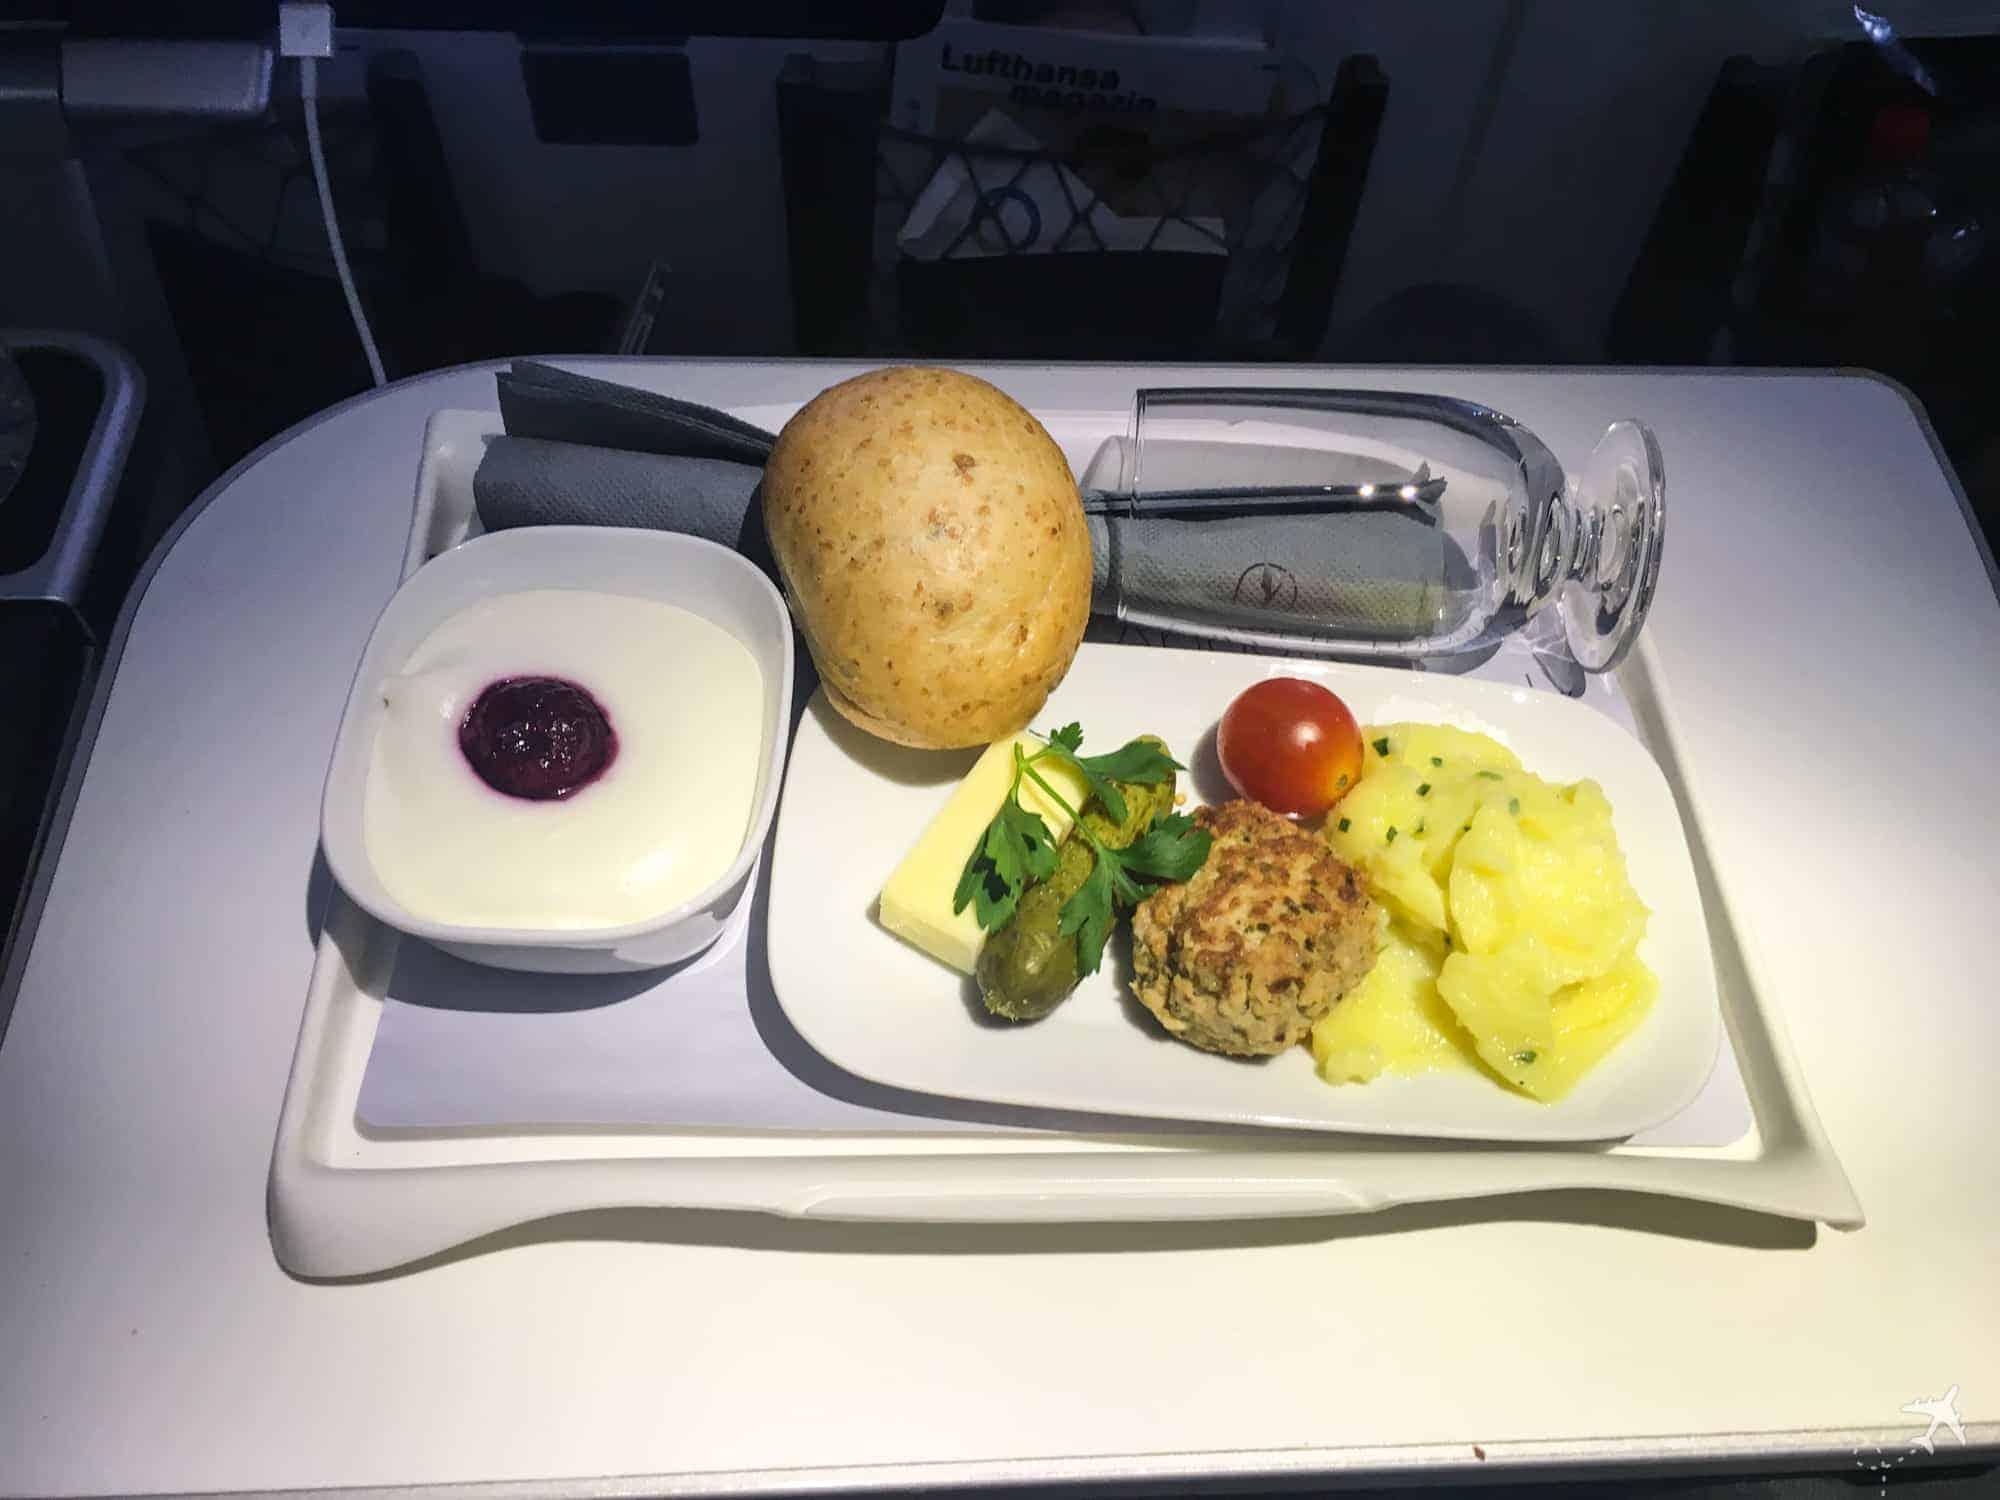 Lufthansa Premium Economy Class Snack